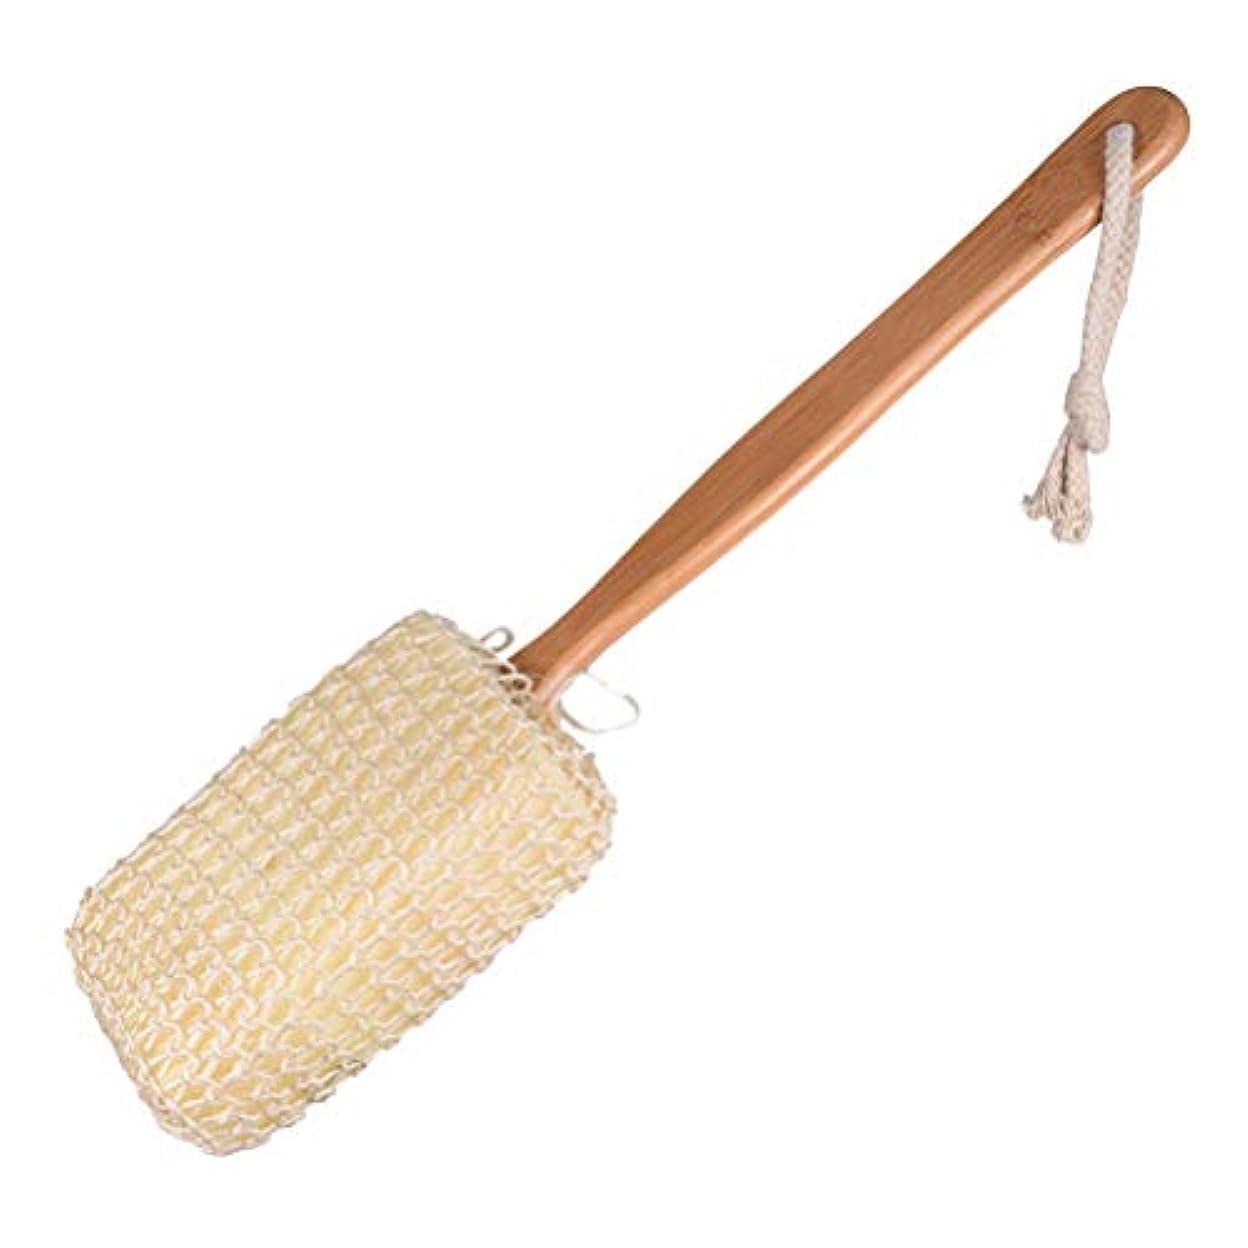 時代遅れスリルアルコーブYardwe ドライブラッシングボディーブラシナチュラルサイザルスポンジ取り外し可能な長い木製の竹のハンドル死んだ皮膚はセルライトの剥離を助けます